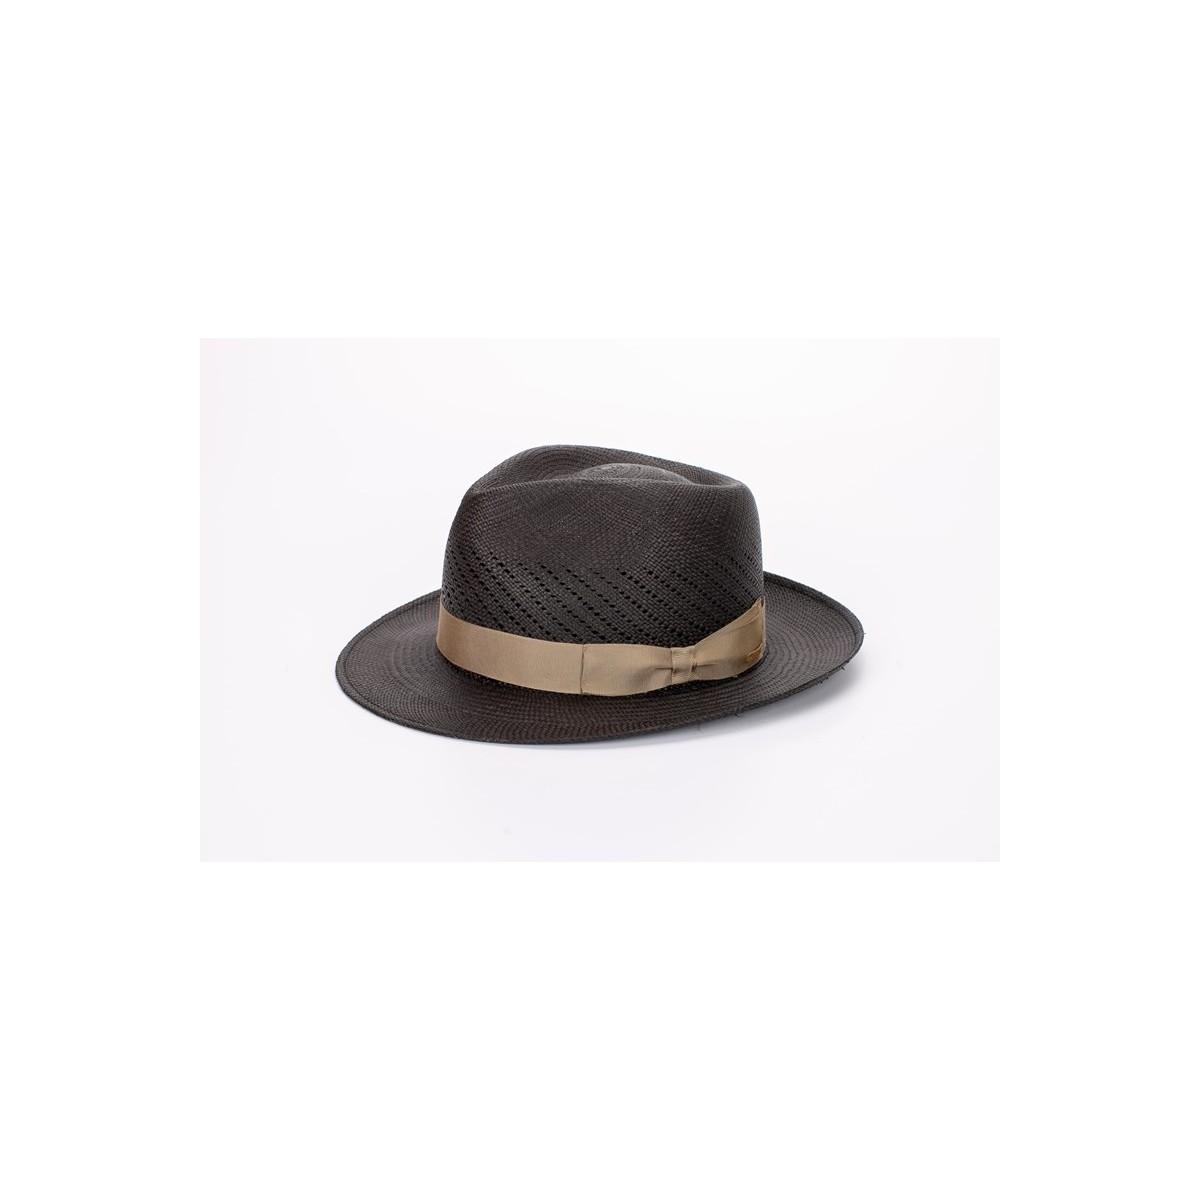 Limber sombrero de hombre panamá copa calada color gris y cinta camel. Fernández y ROCHE